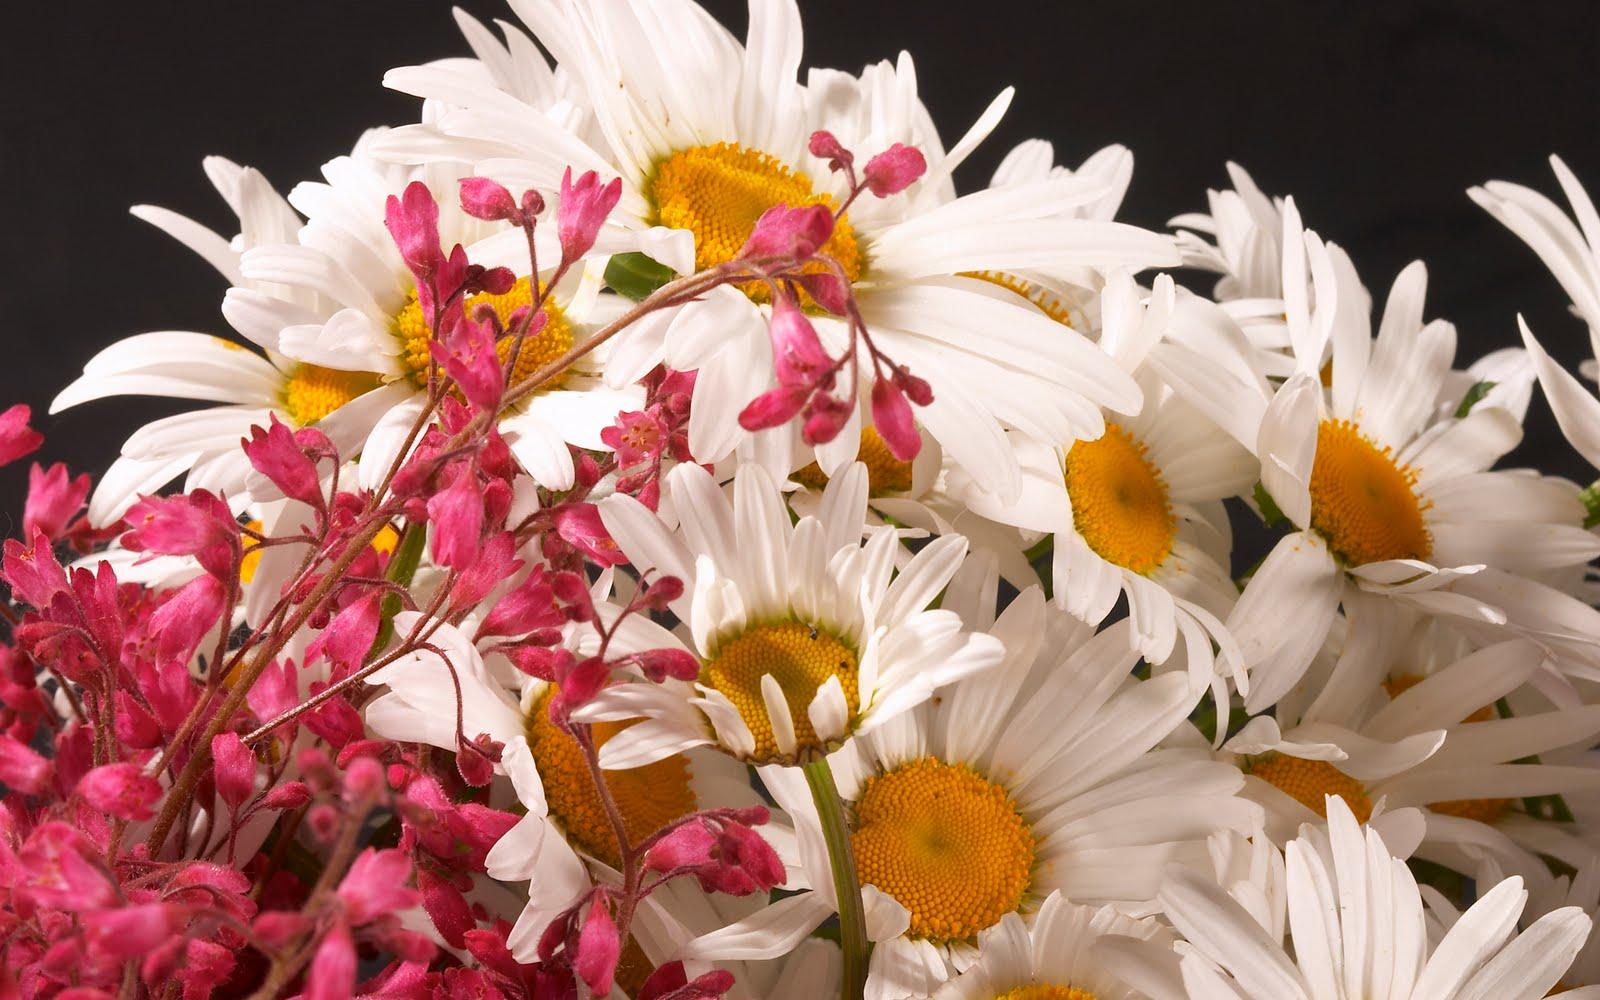 http://3.bp.blogspot.com/-b_27JelW2og/UFhWJBBCLVI/AAAAAAAAAmw/VxQE9wBvVV4/s1600/connect-indya.blogspot.com+-Flowers+%2819%29.jpg